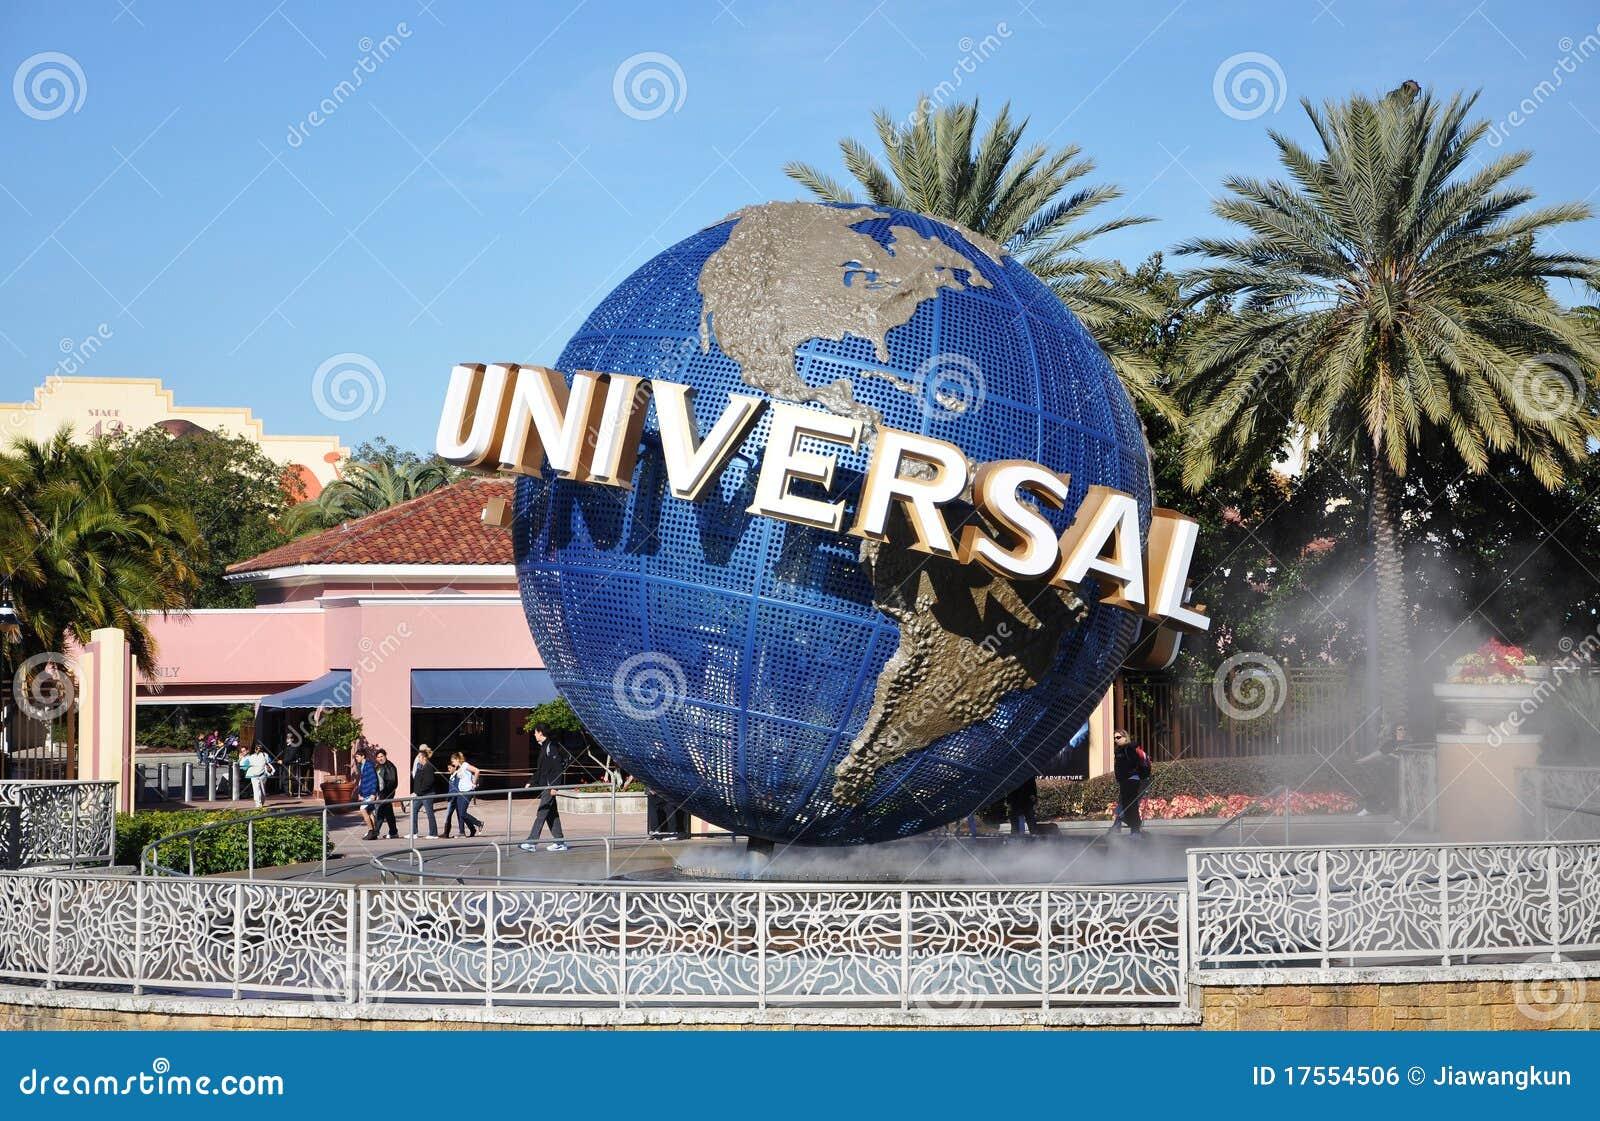 Universal globe in universal orlando editorial photo for A new image salon orlando